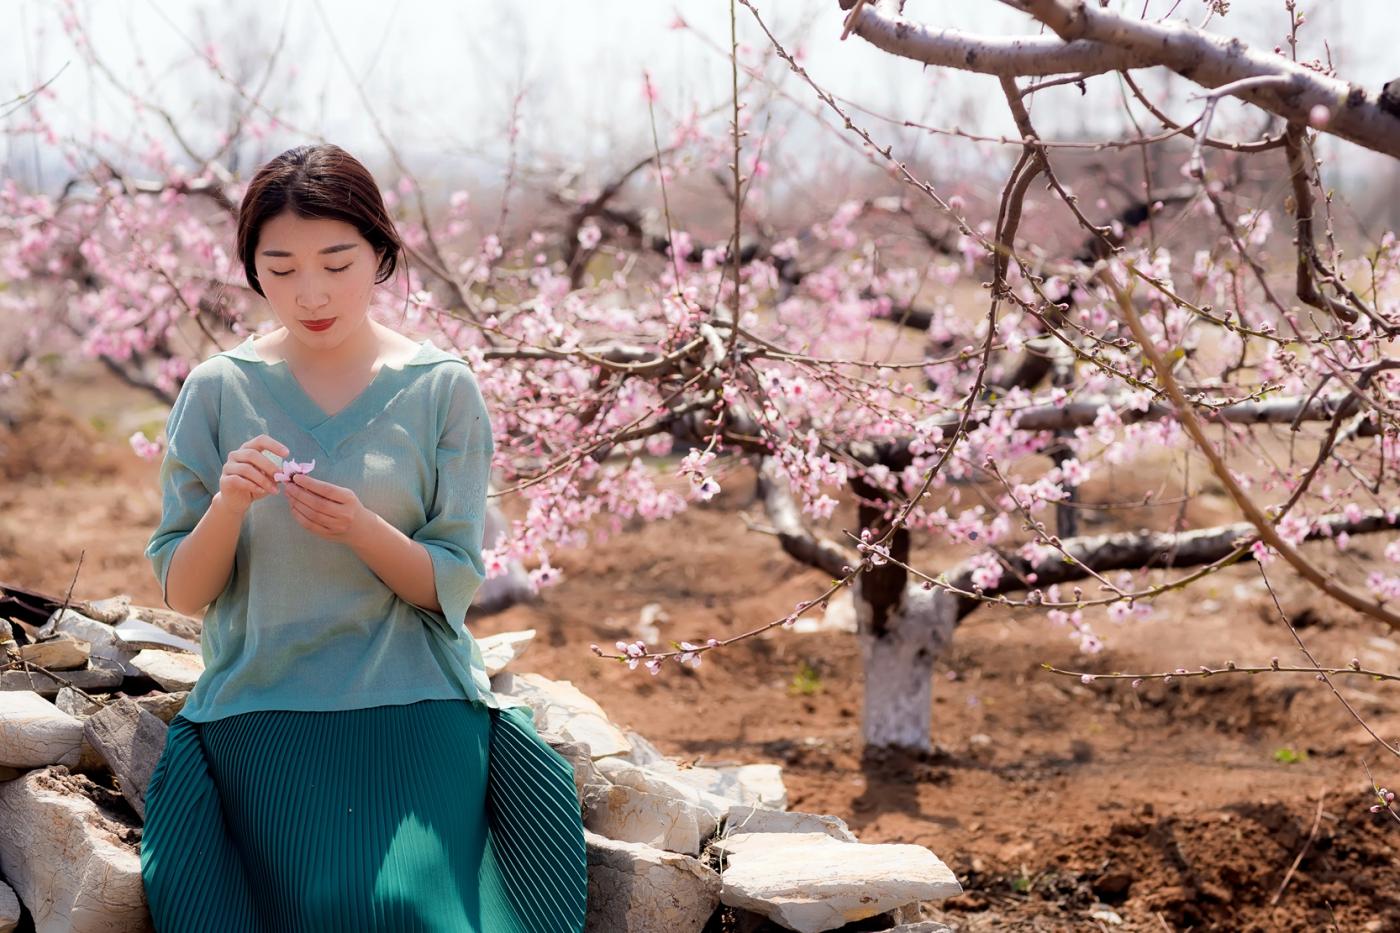 清明时节踏春的临沂女孩们_图1-21